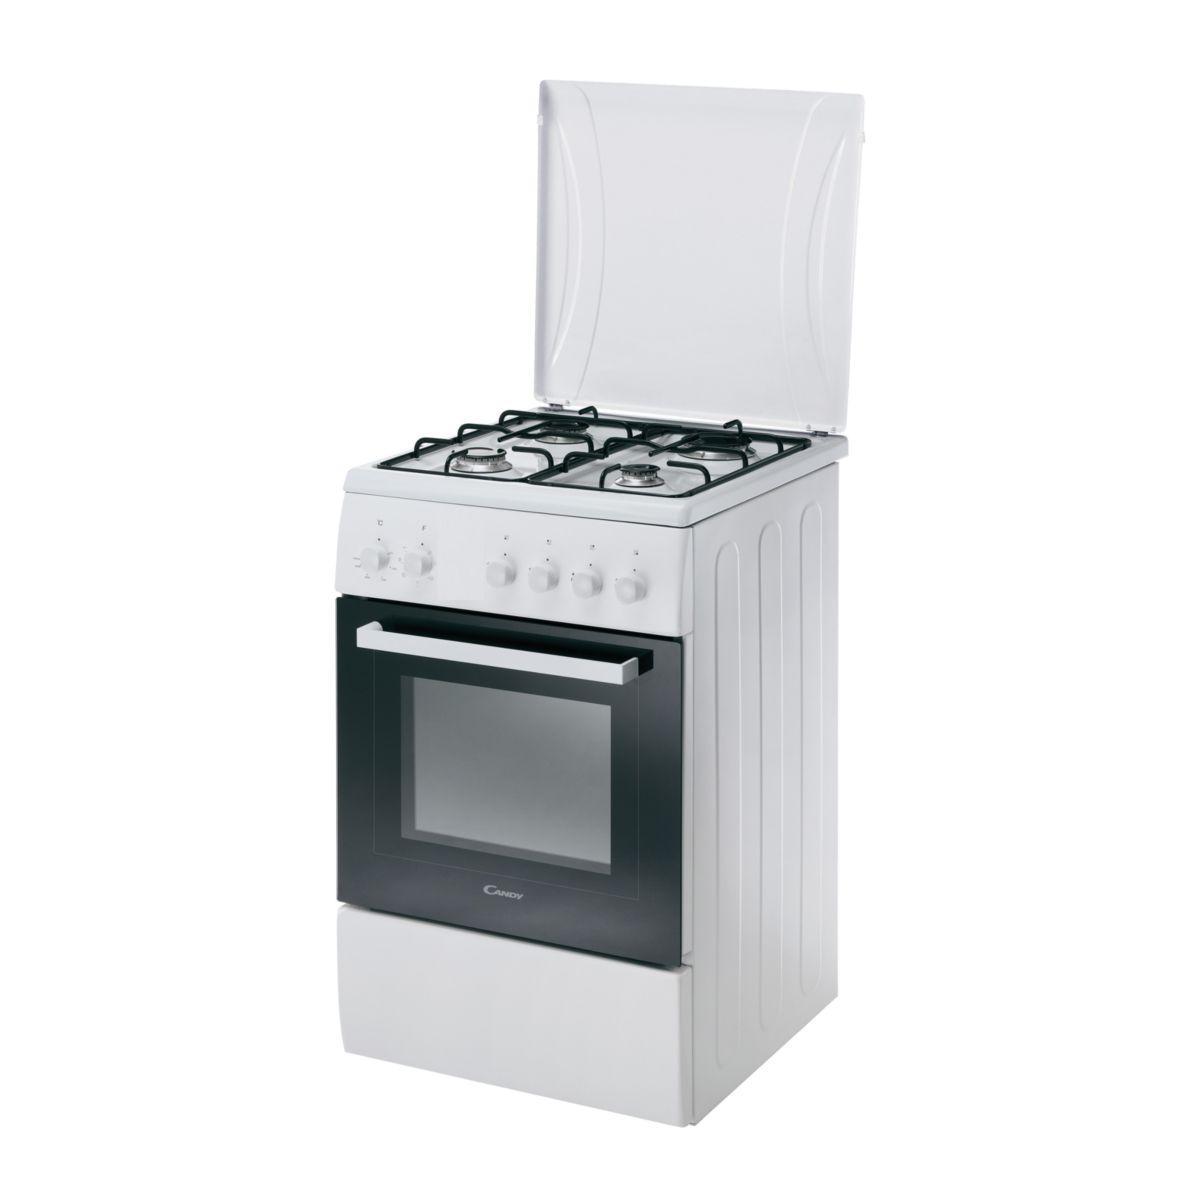 Cuisinière gaz CANDY CCG5540PW/1